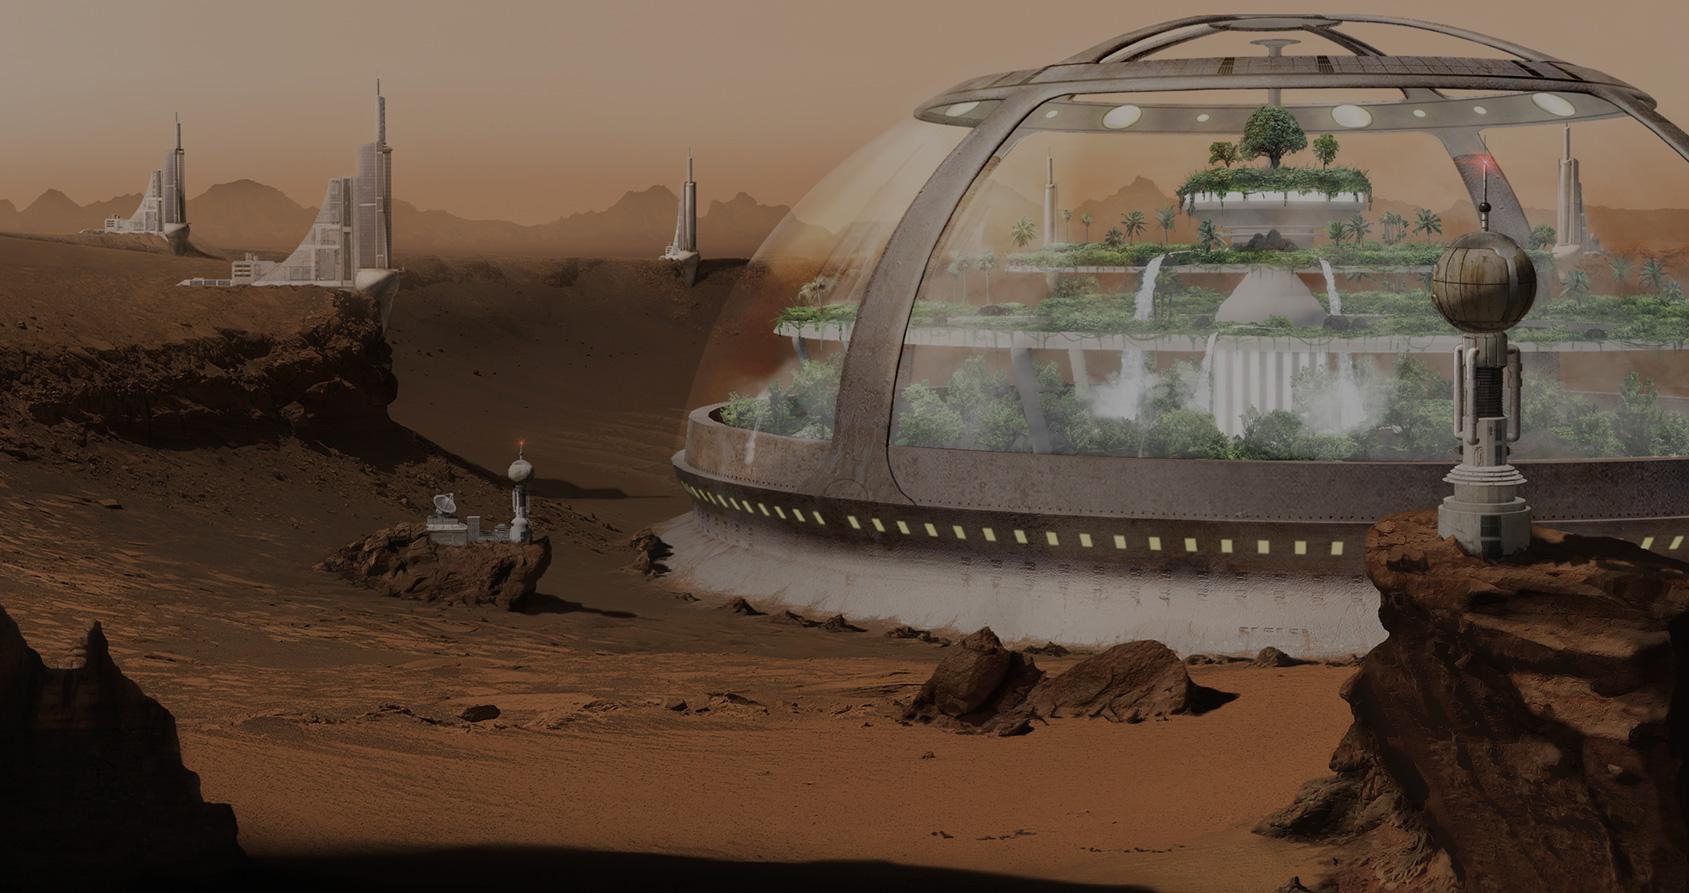 À quoi ressemblera la première colonie martienne ?